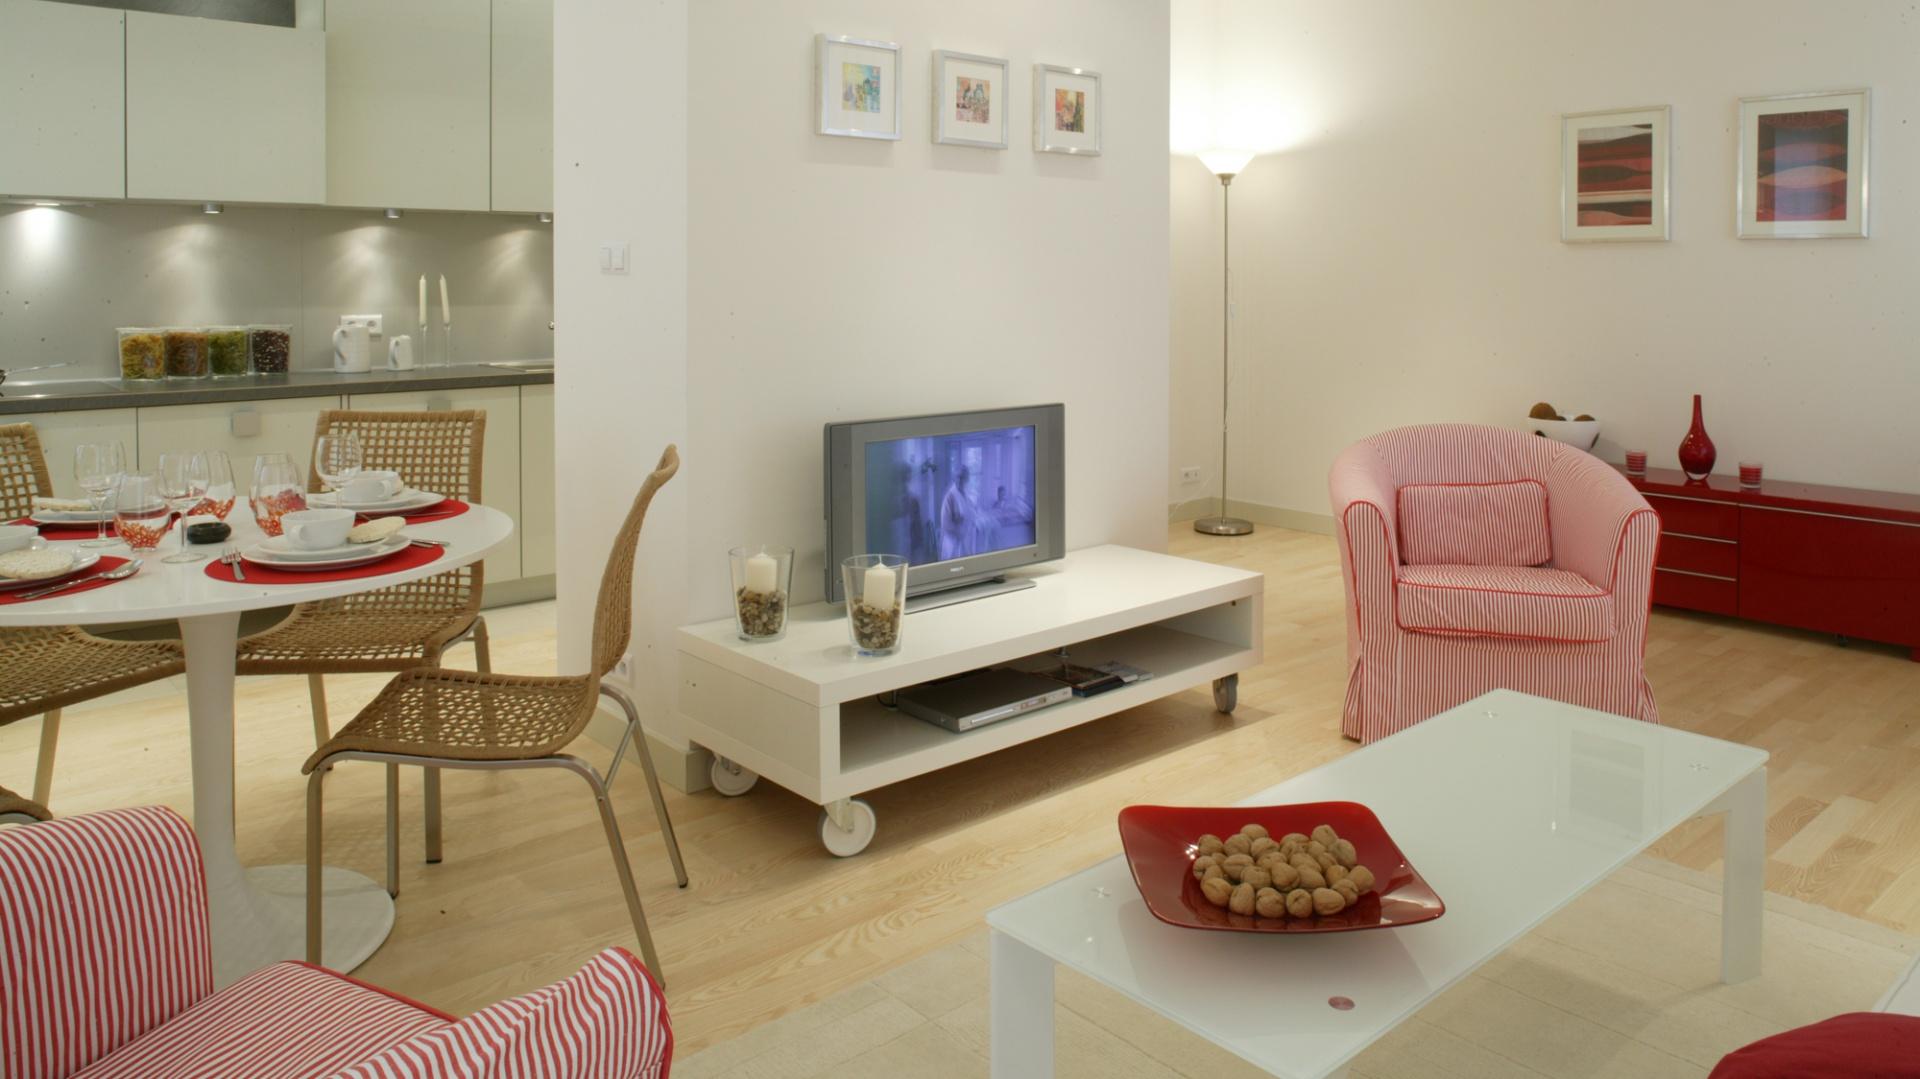 Strefy funkcjonalne w dziennej części mieszkania oddziela krótka ścianka działowa, przed którą ulokowano mobilną szafkę z telewizorem. Jasne przestrzenie salonu i kuchni ożywiają czerwone i amarantowe dodatki oraz część sprzętów. Fot. Monika Filipiuk.